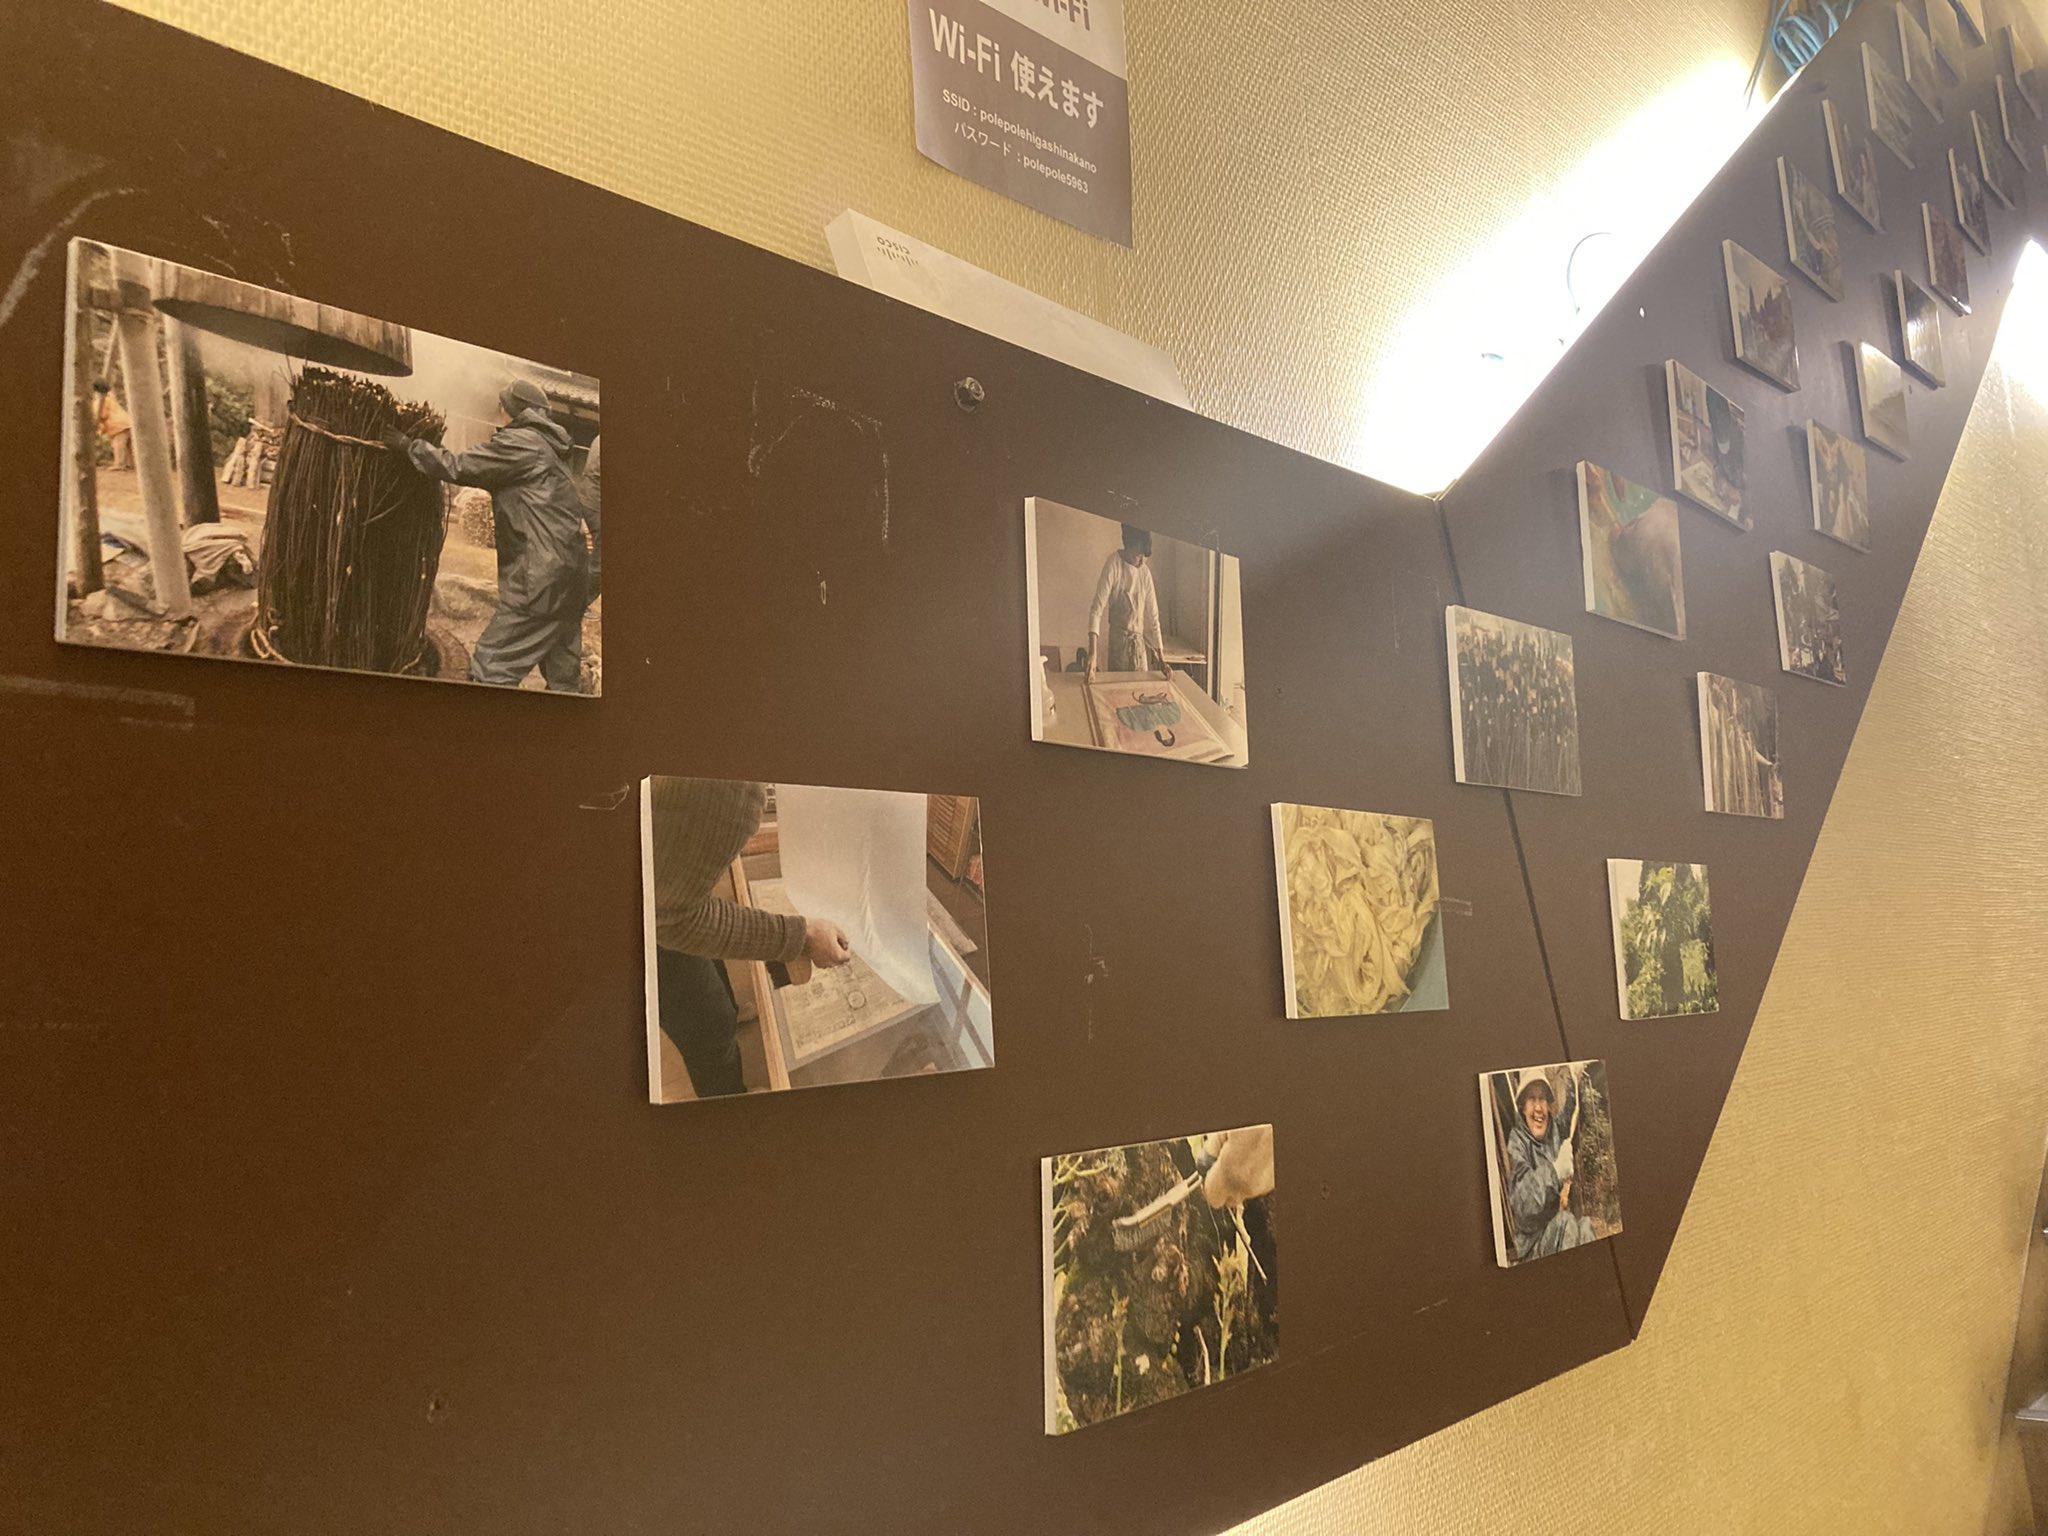 劇場の壁にたくさん掲示された、映画の場面写真。